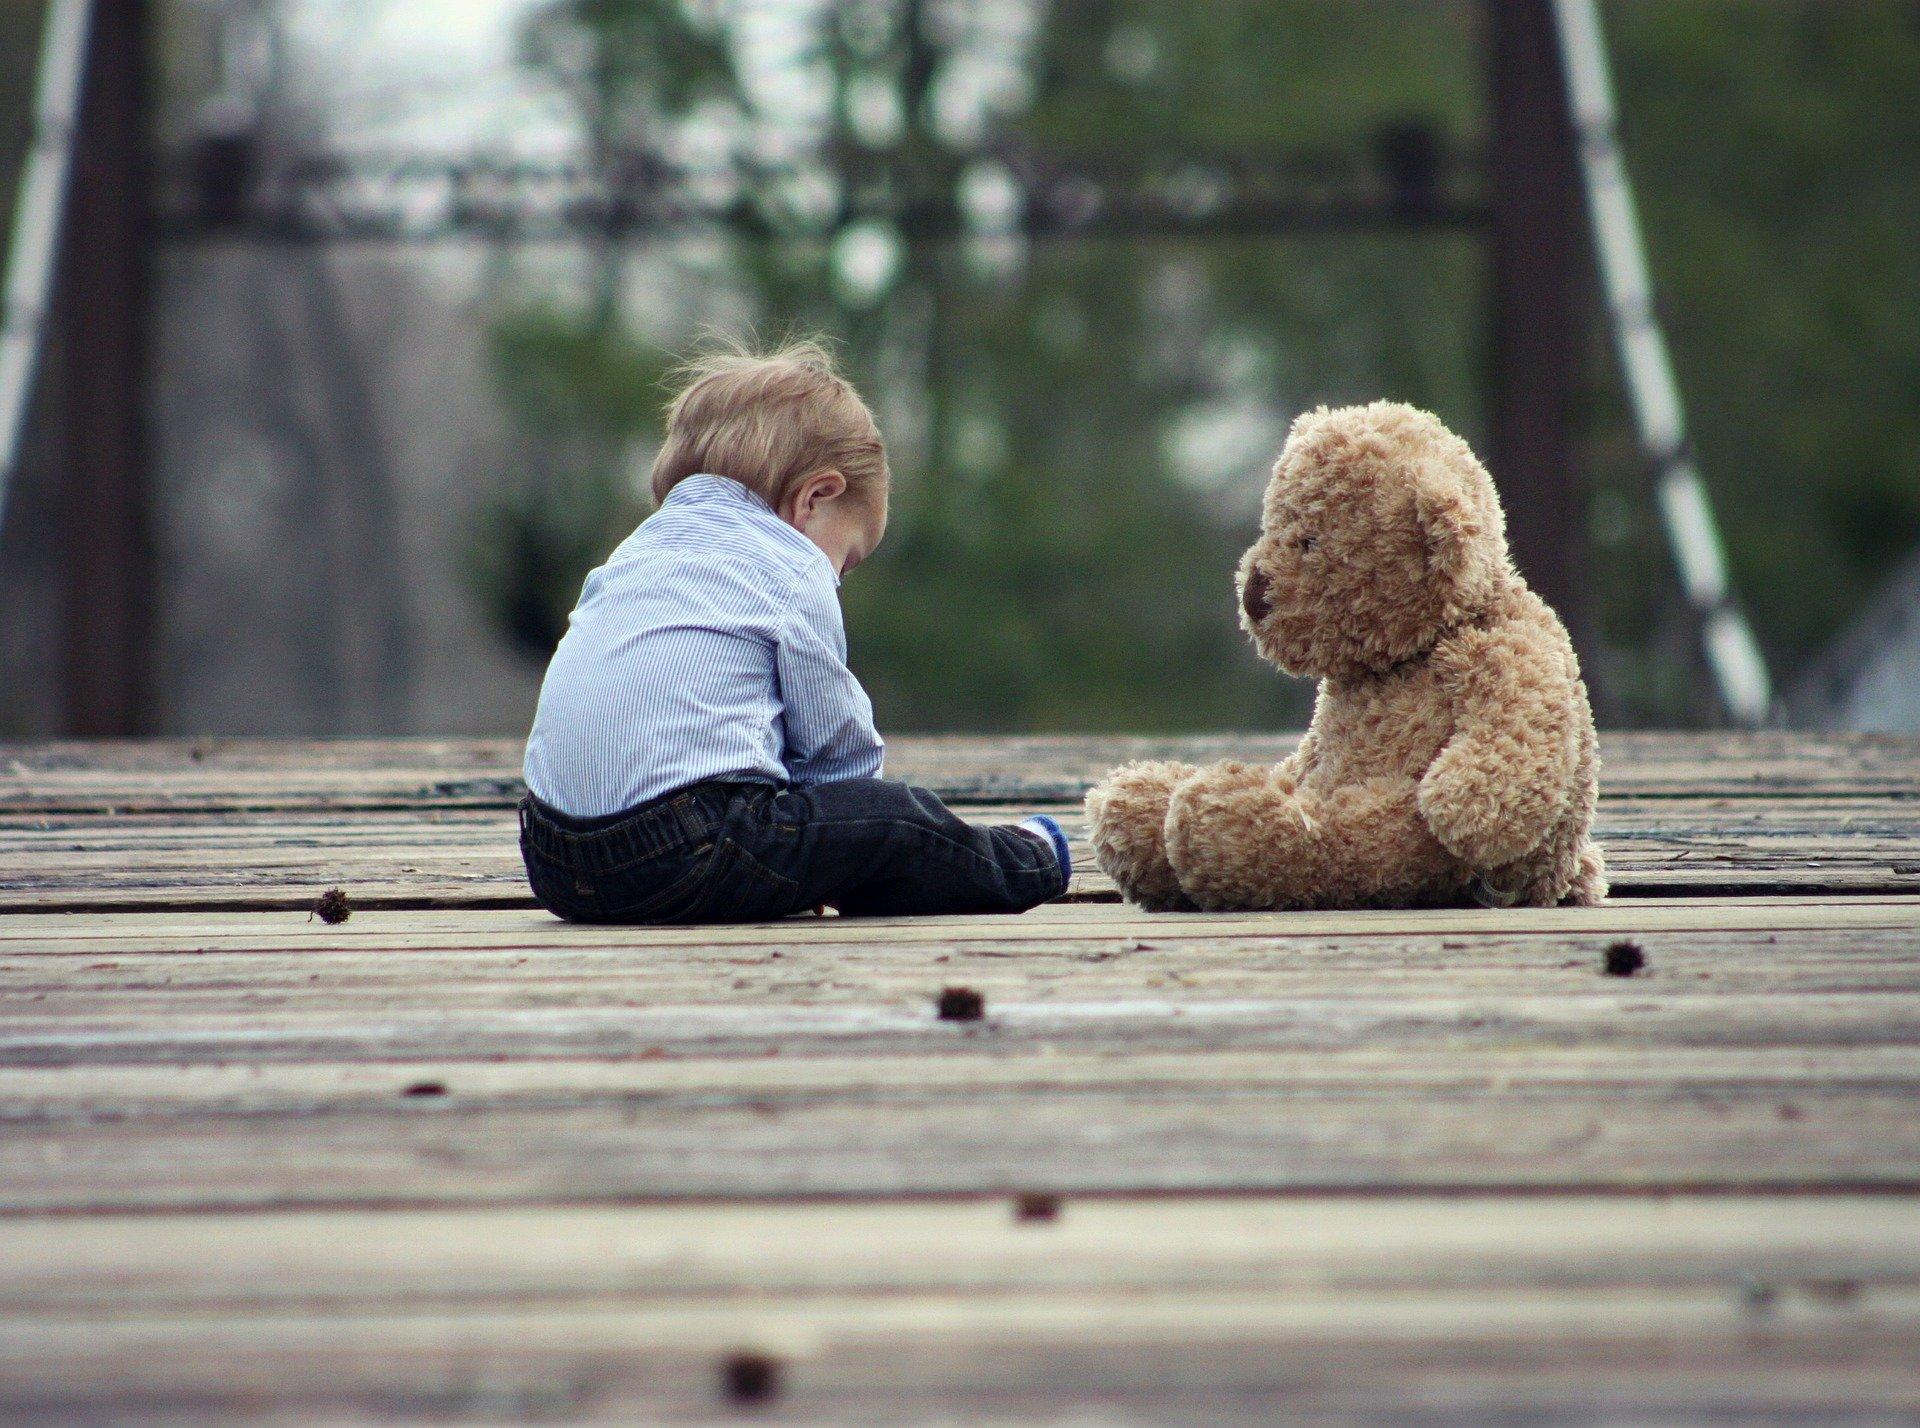 Interesse da criança se sobrepõe ao cadastro de adotantes, decide STJ